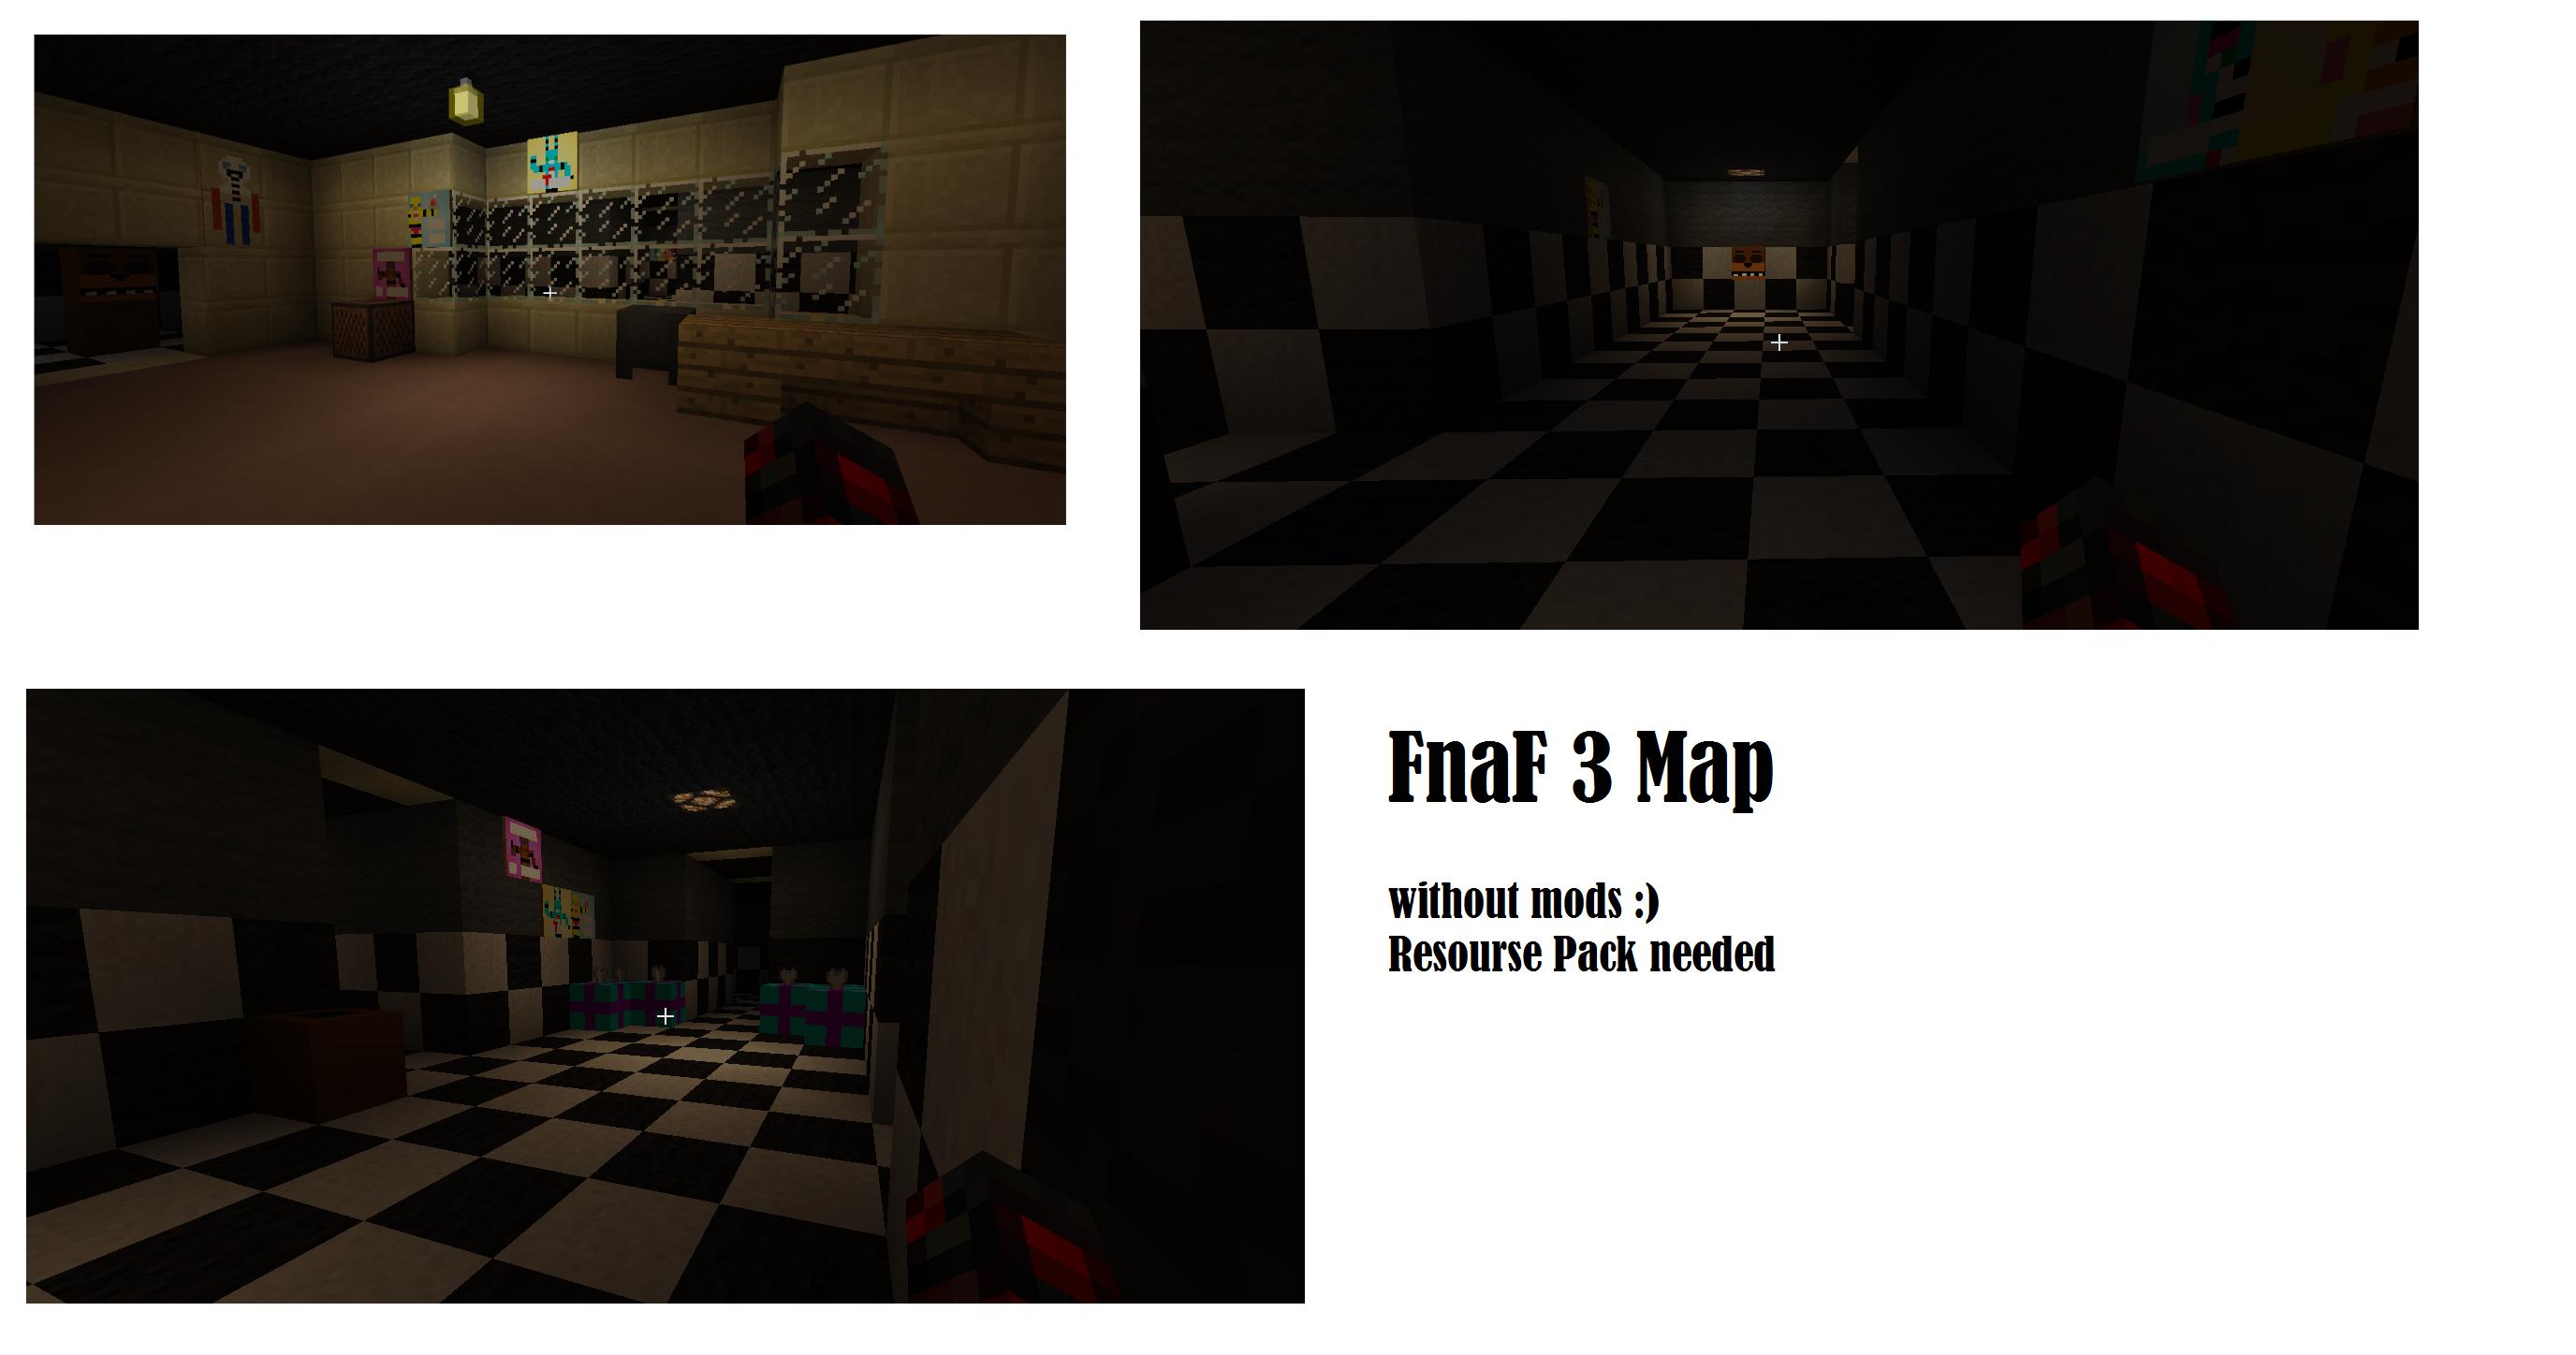 Fnaf 2 Map